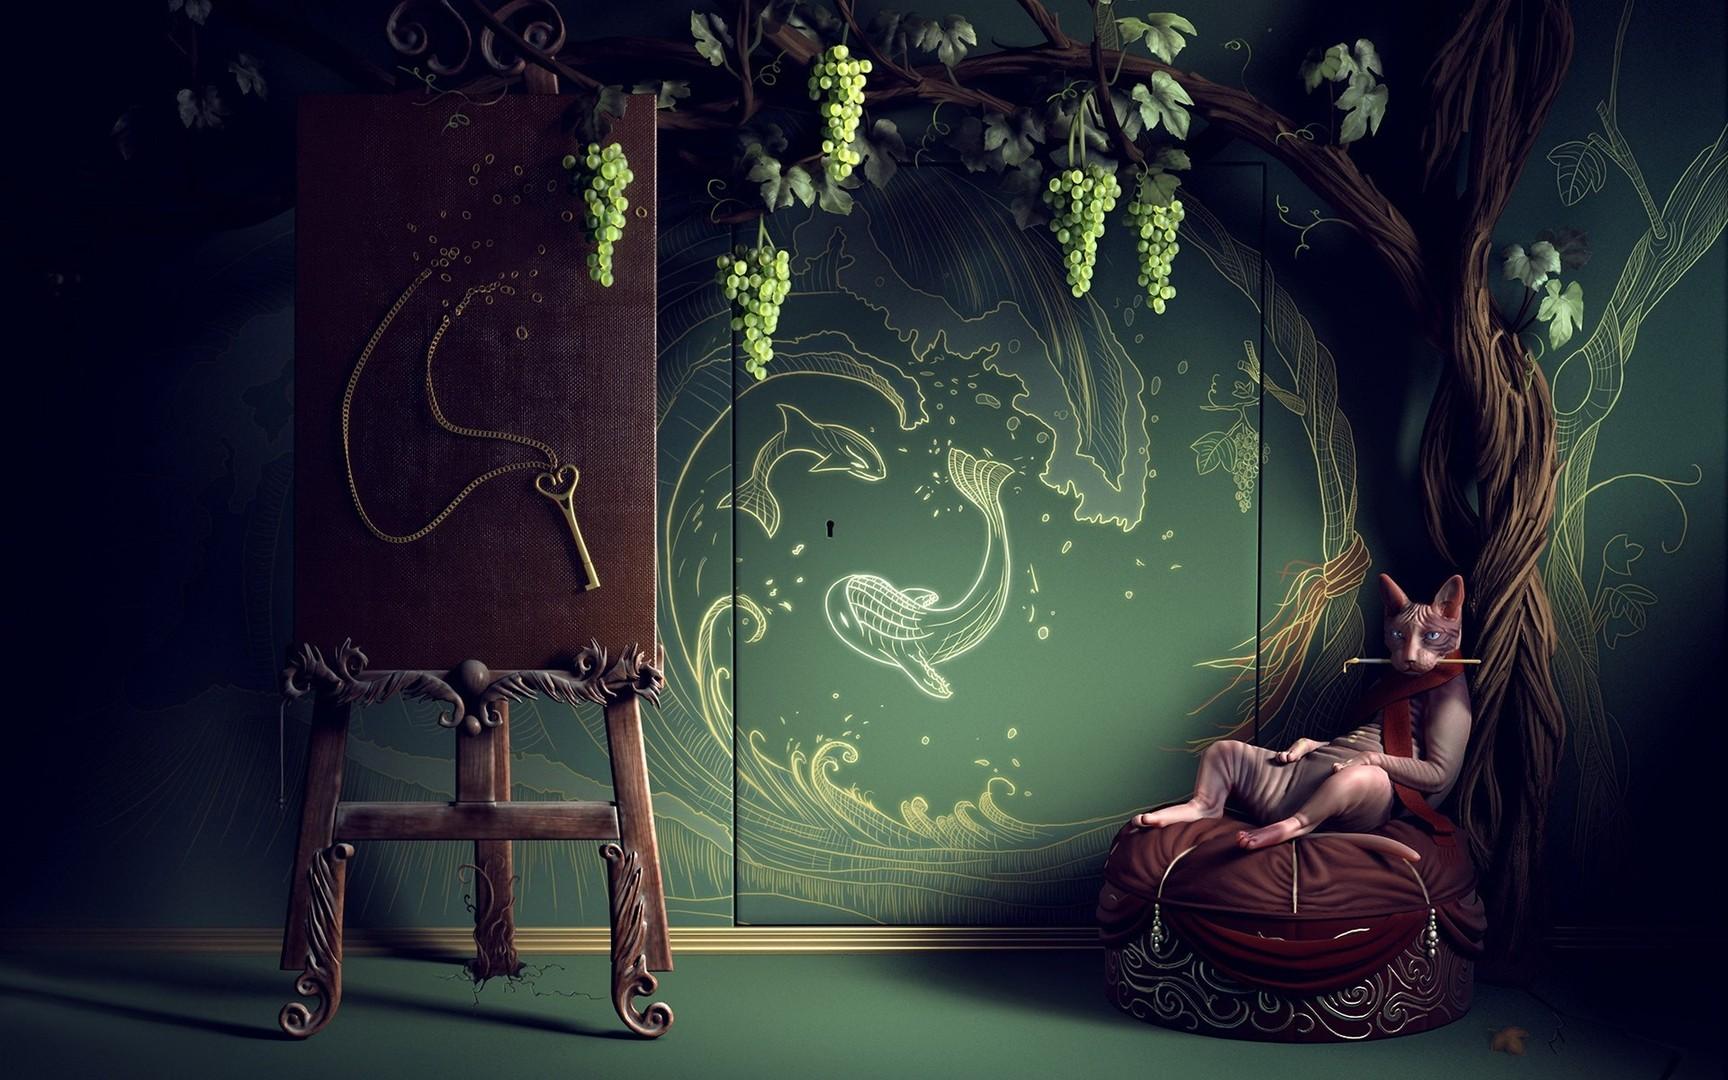 Download Bohemian painter cat wallpaper 1728x1080